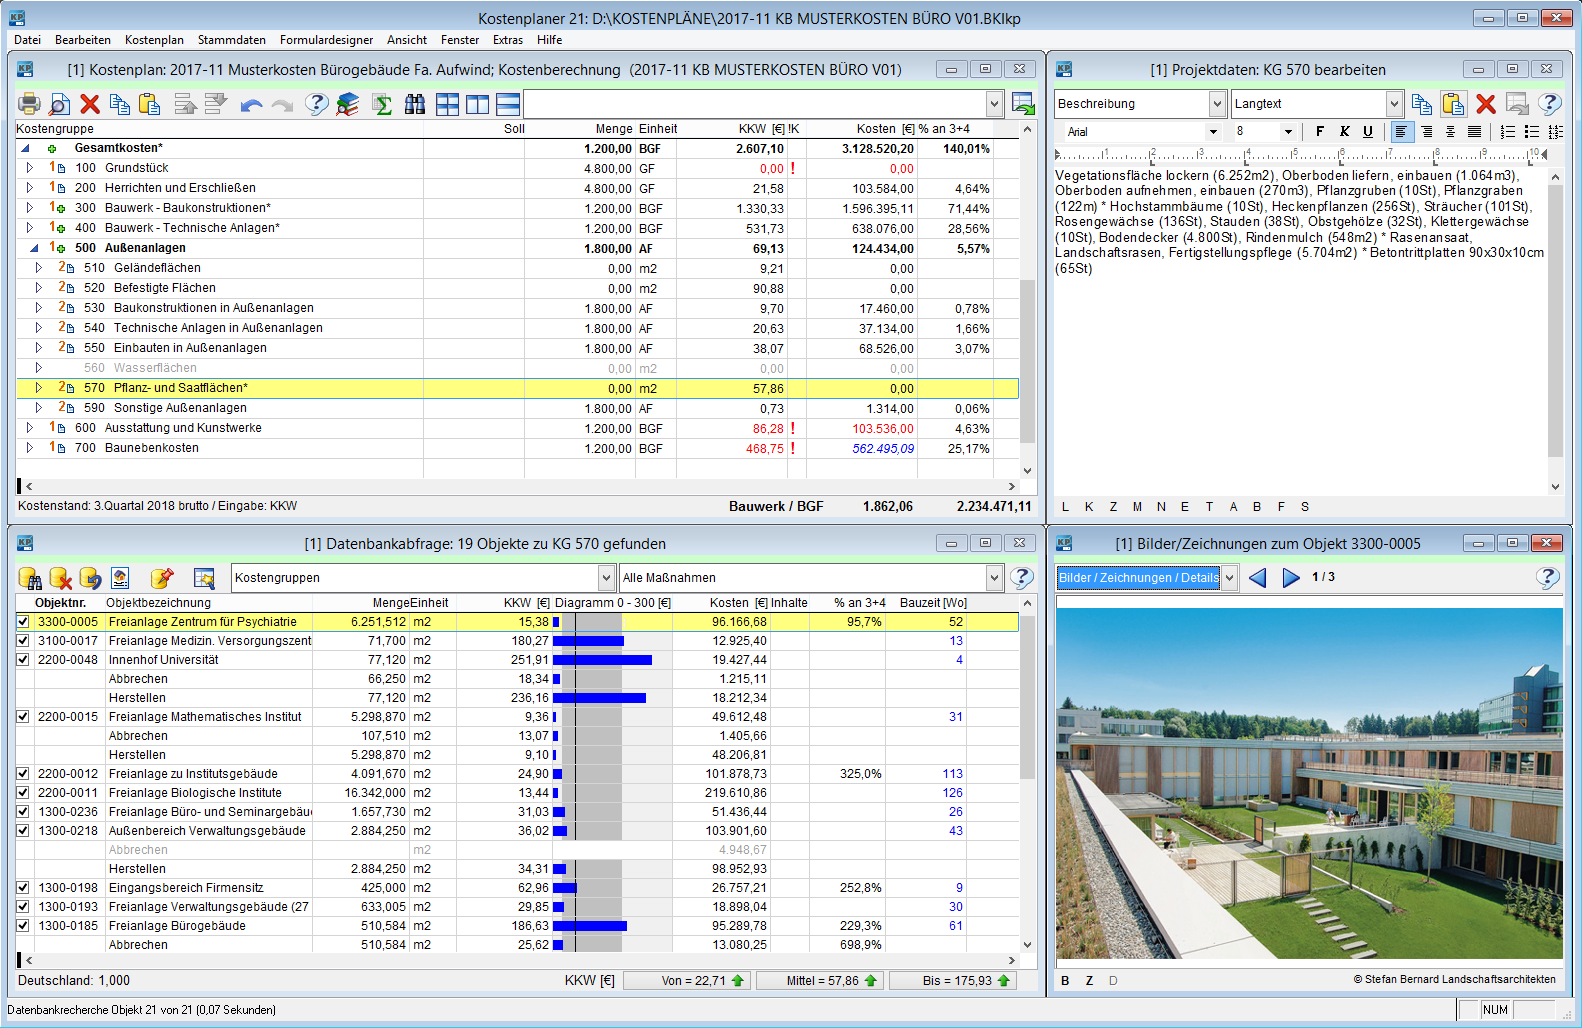 Hauptfenster Kostenplan mit Projektdaten, Datenbankabfrage und Info zum Objekt